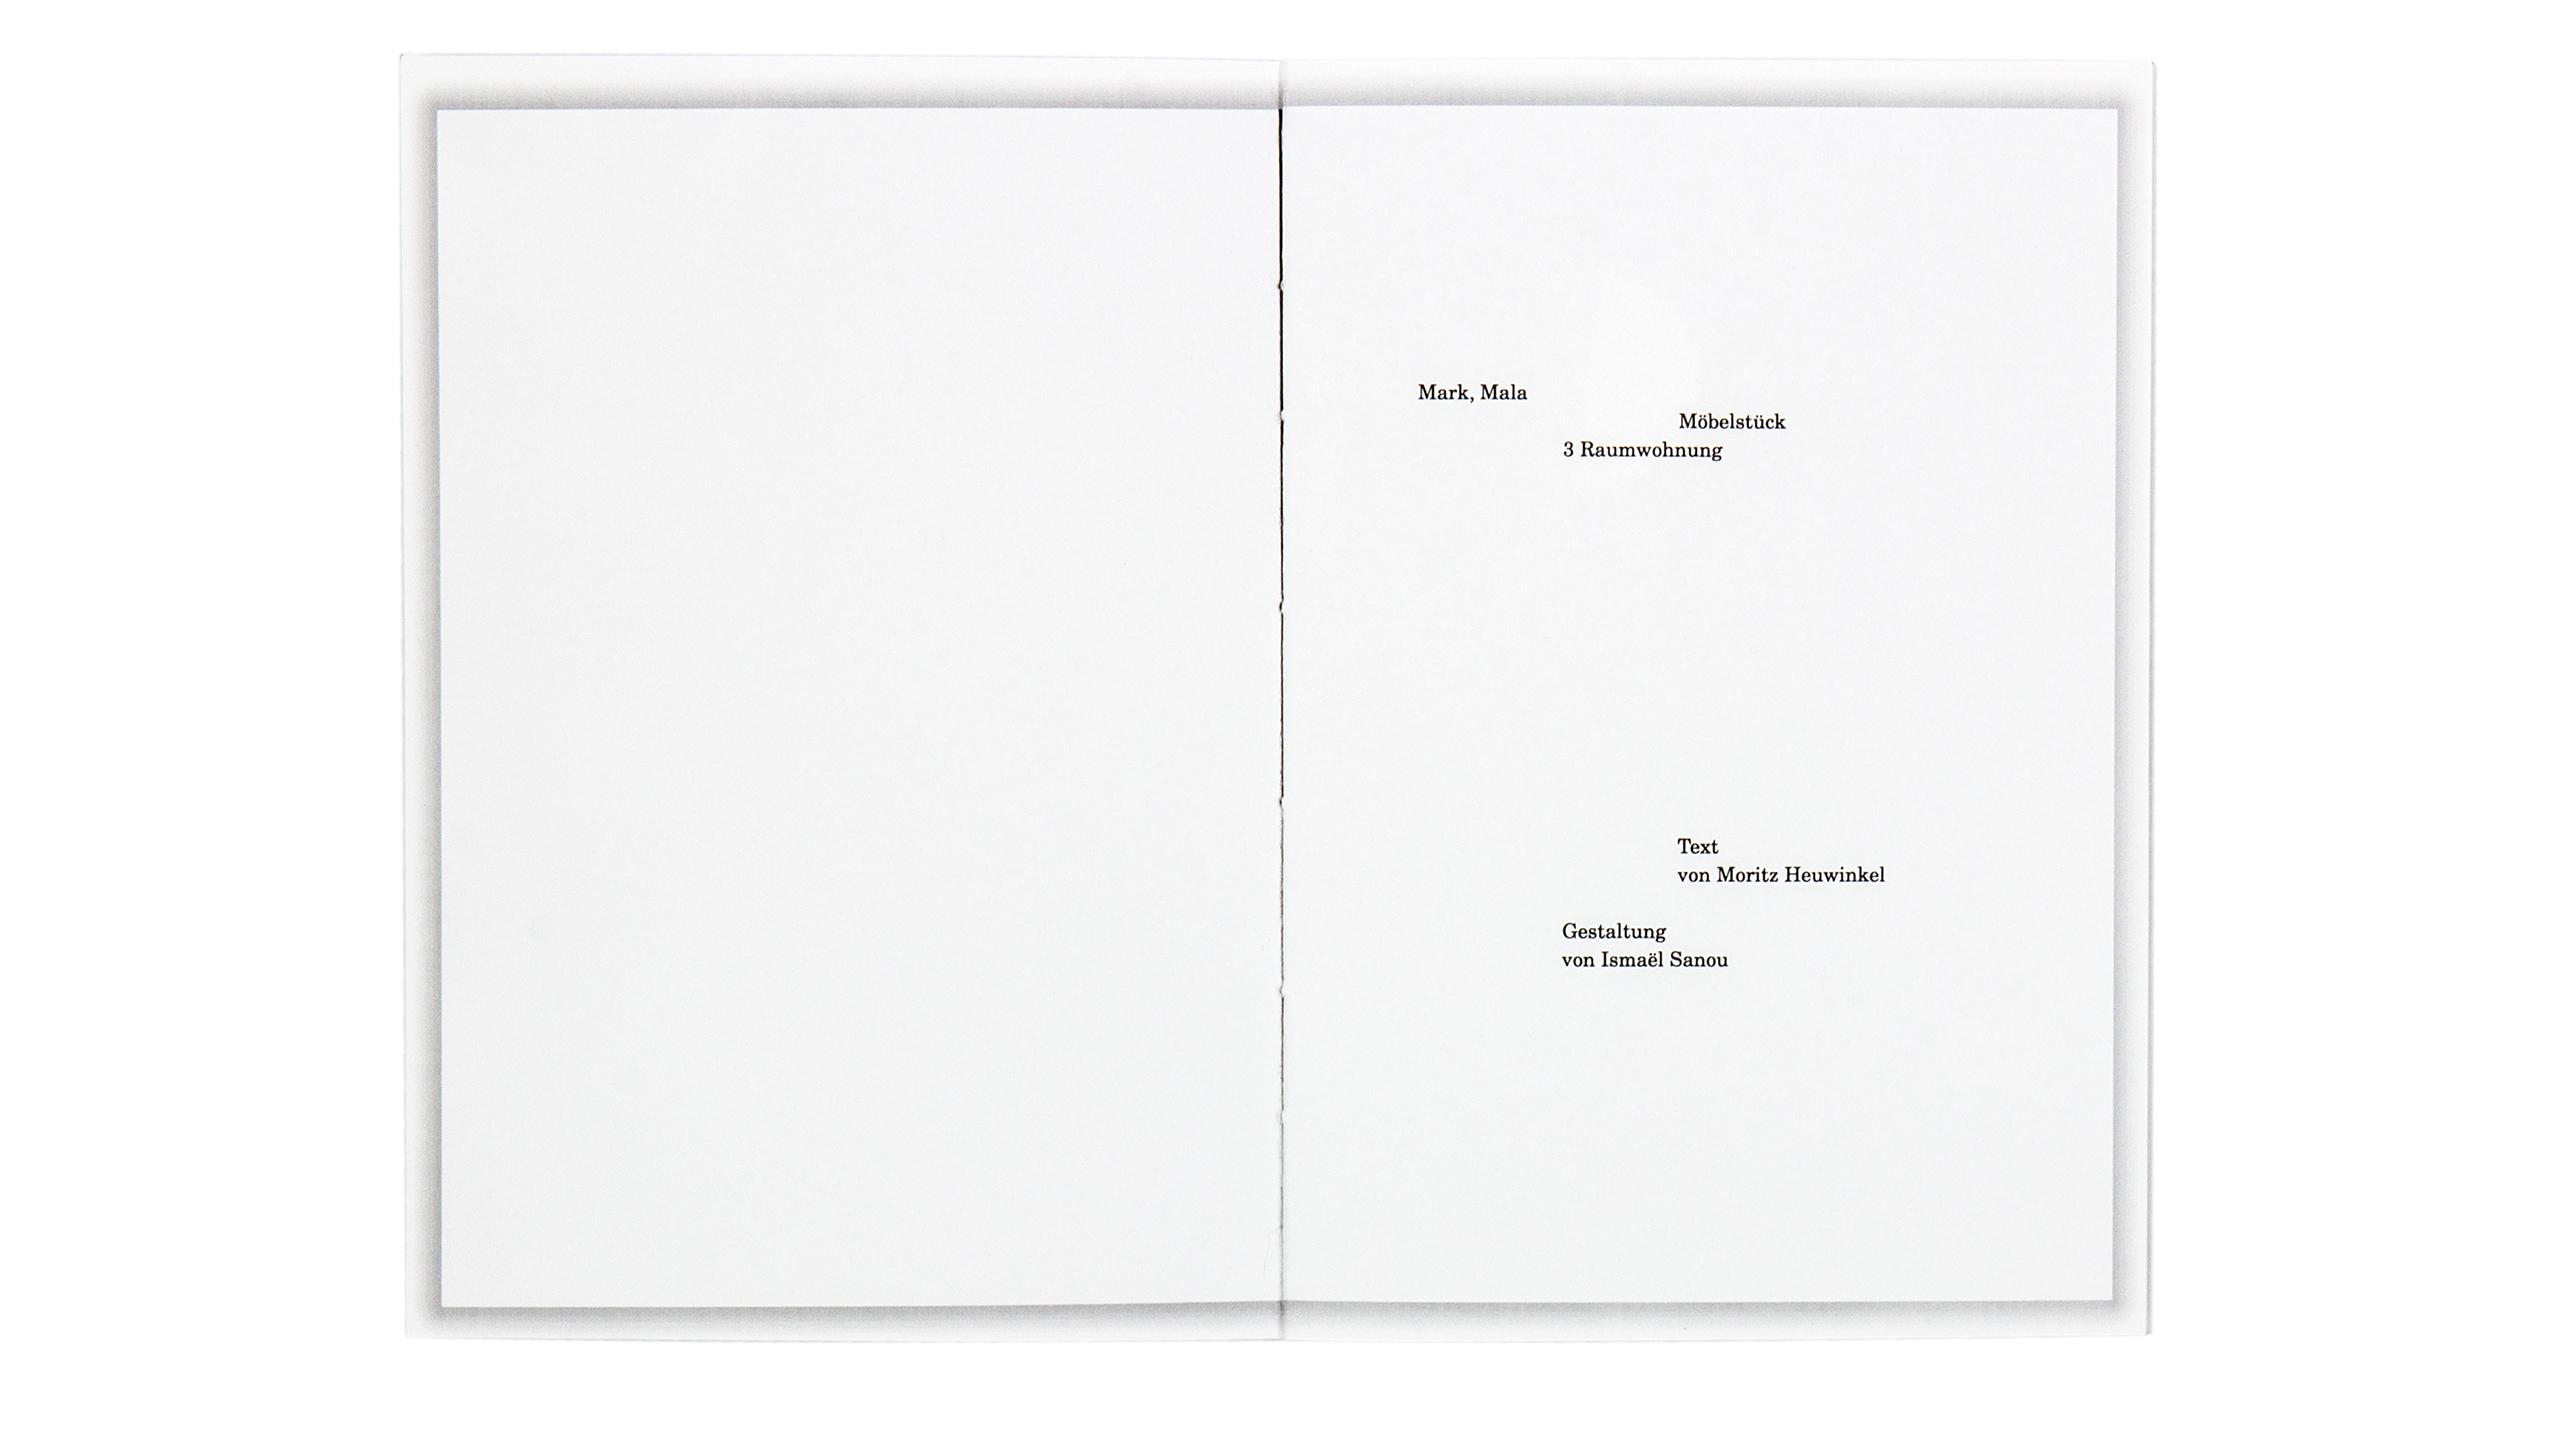 3 Raumwohnung innenseite Design Buchgestaltung black clean Editorial Design